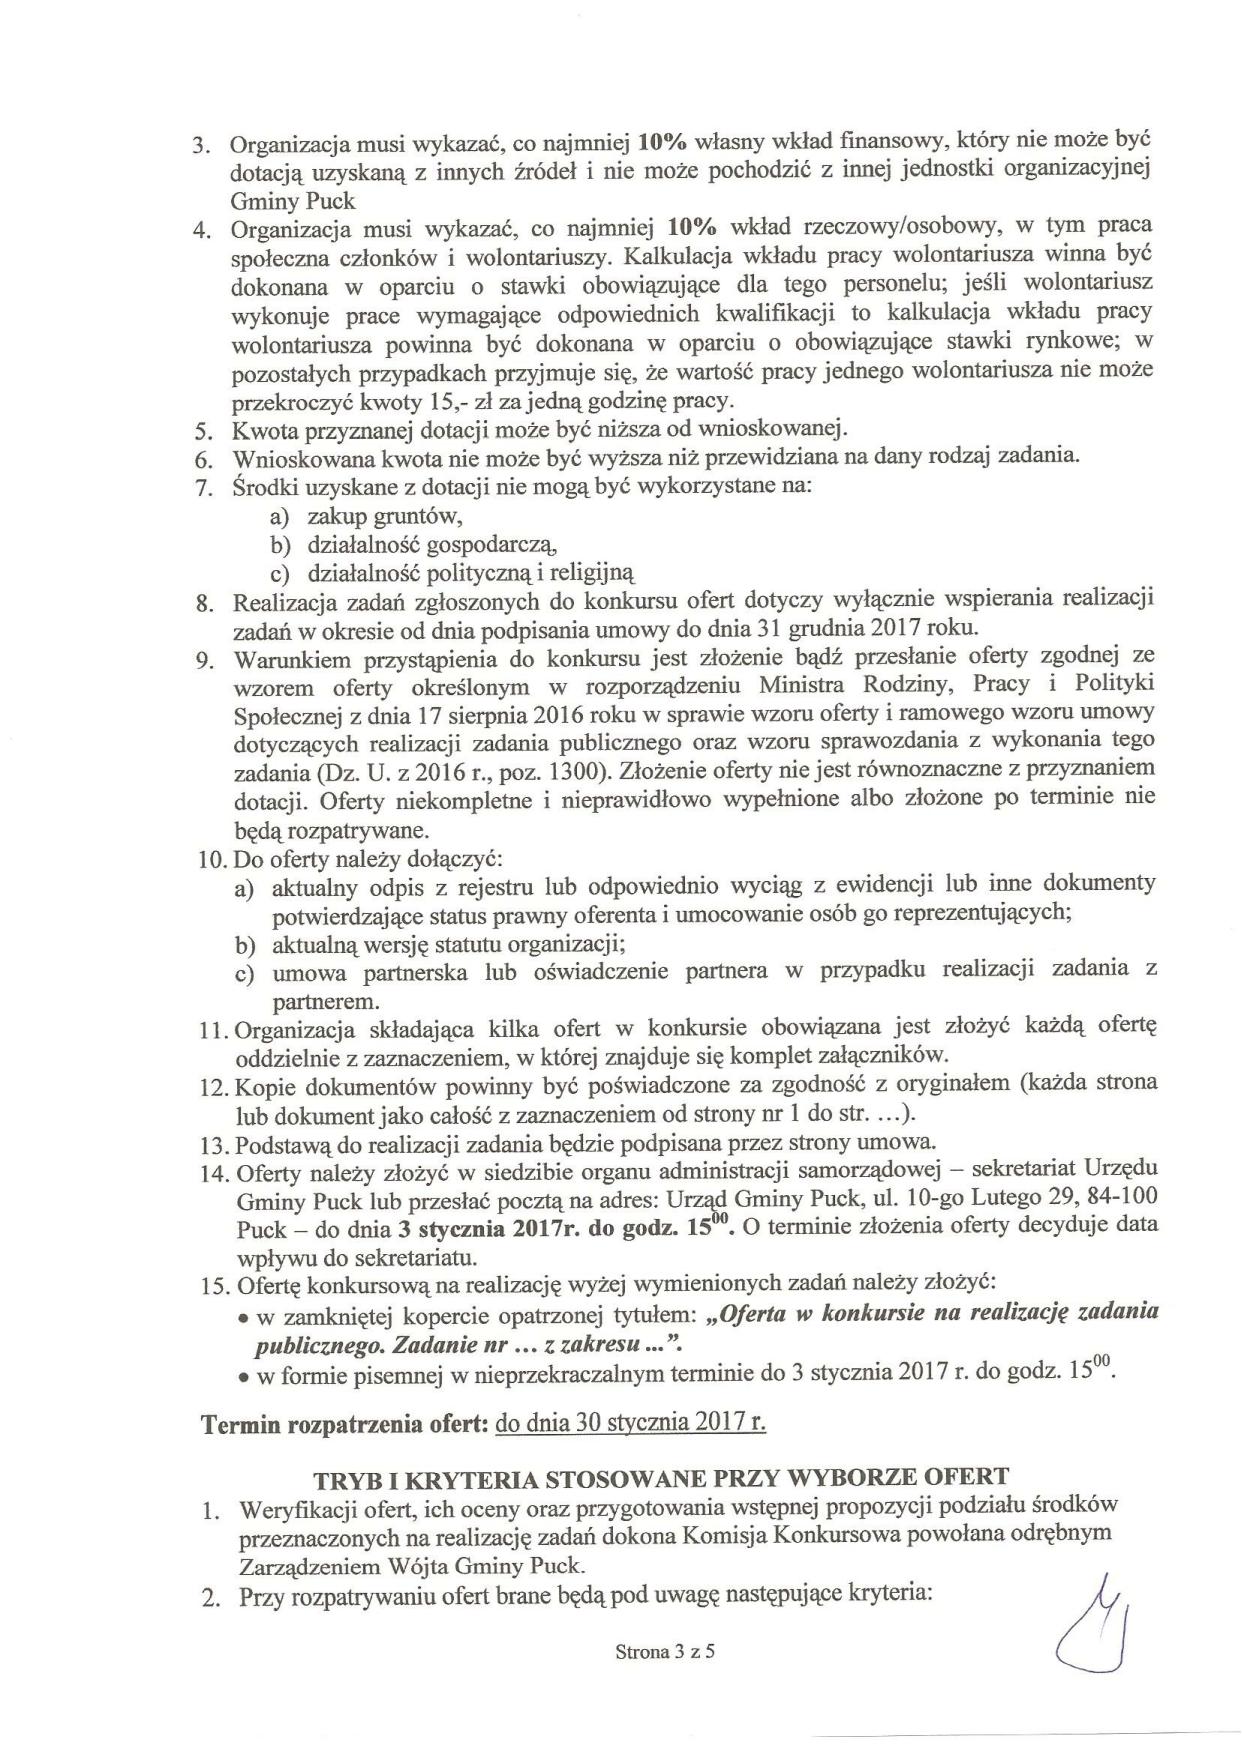 ogloszenie-o-konkursie-na-2017r_03